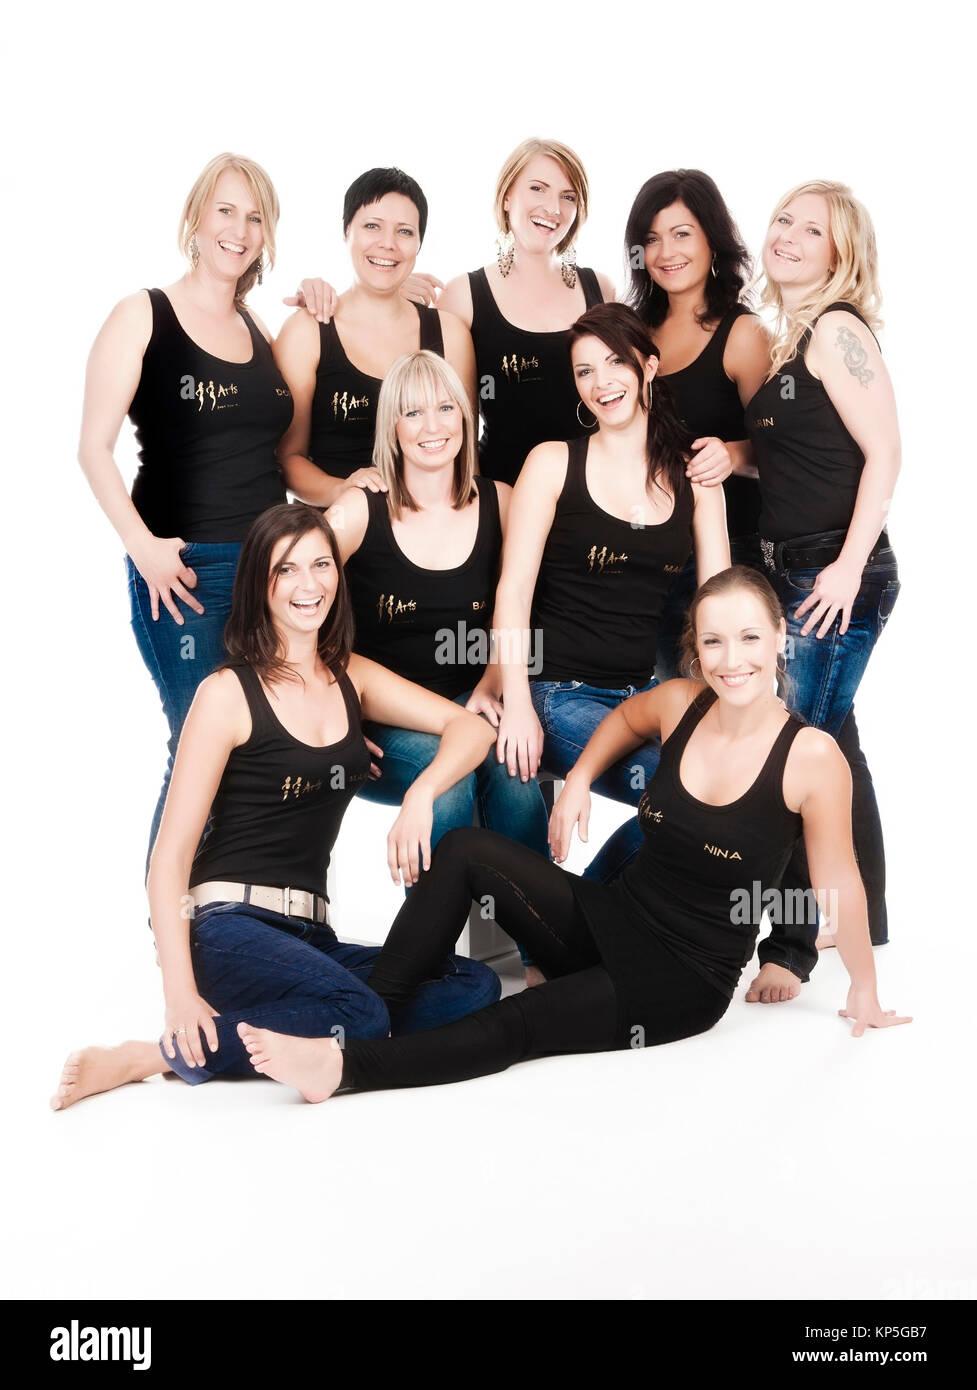 Frauengruppe - grupo de mujeres Imagen De Stock